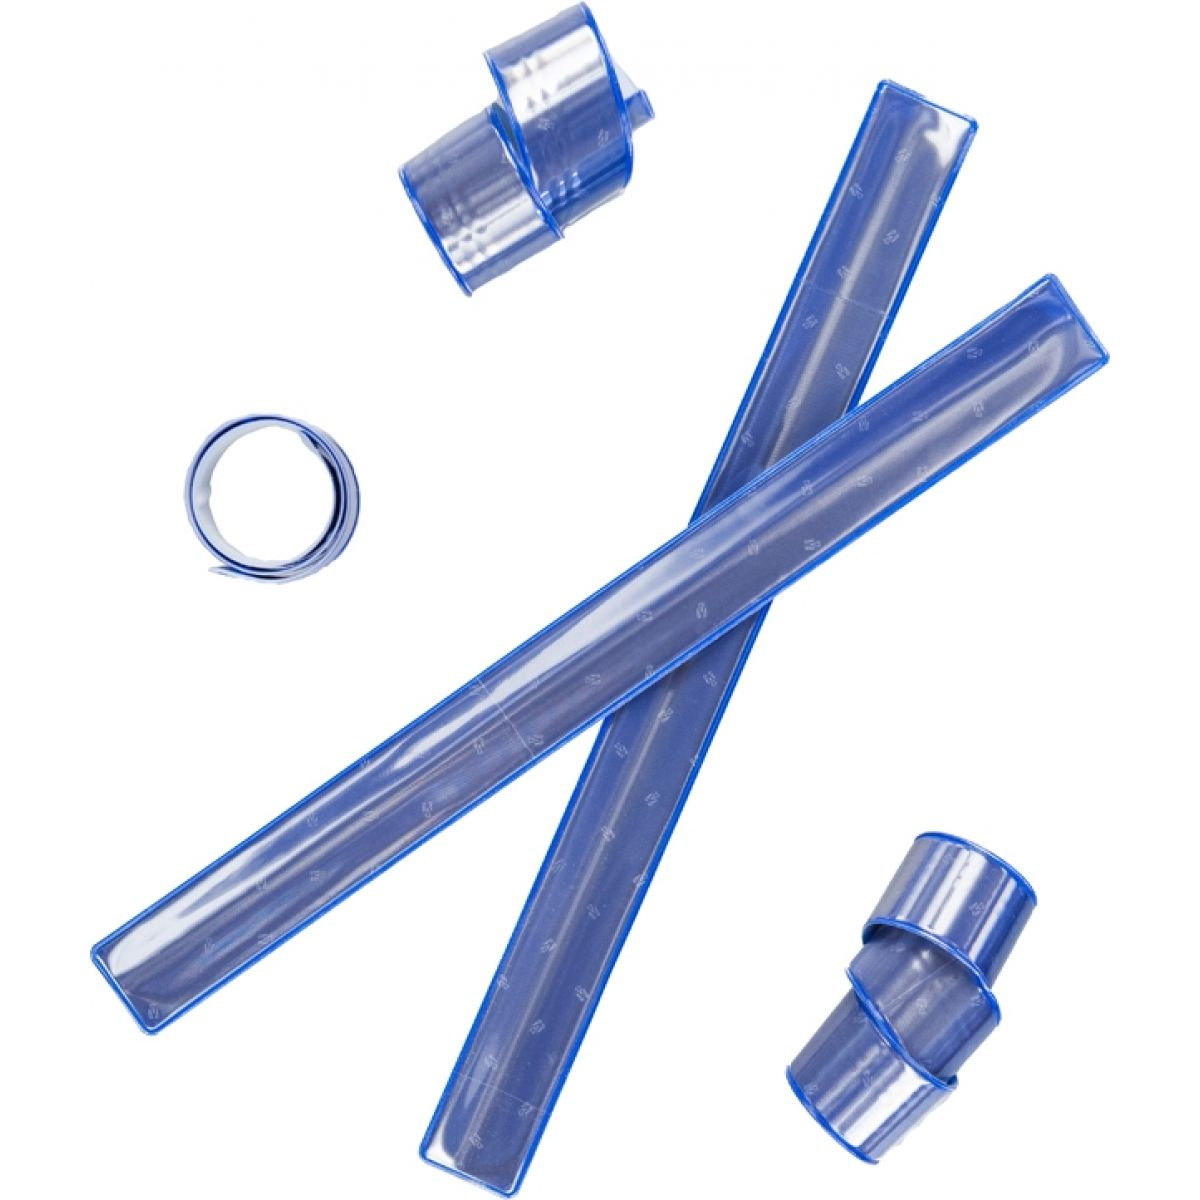 Altima 3M Reflexná samonavíjacia páska - Modrá